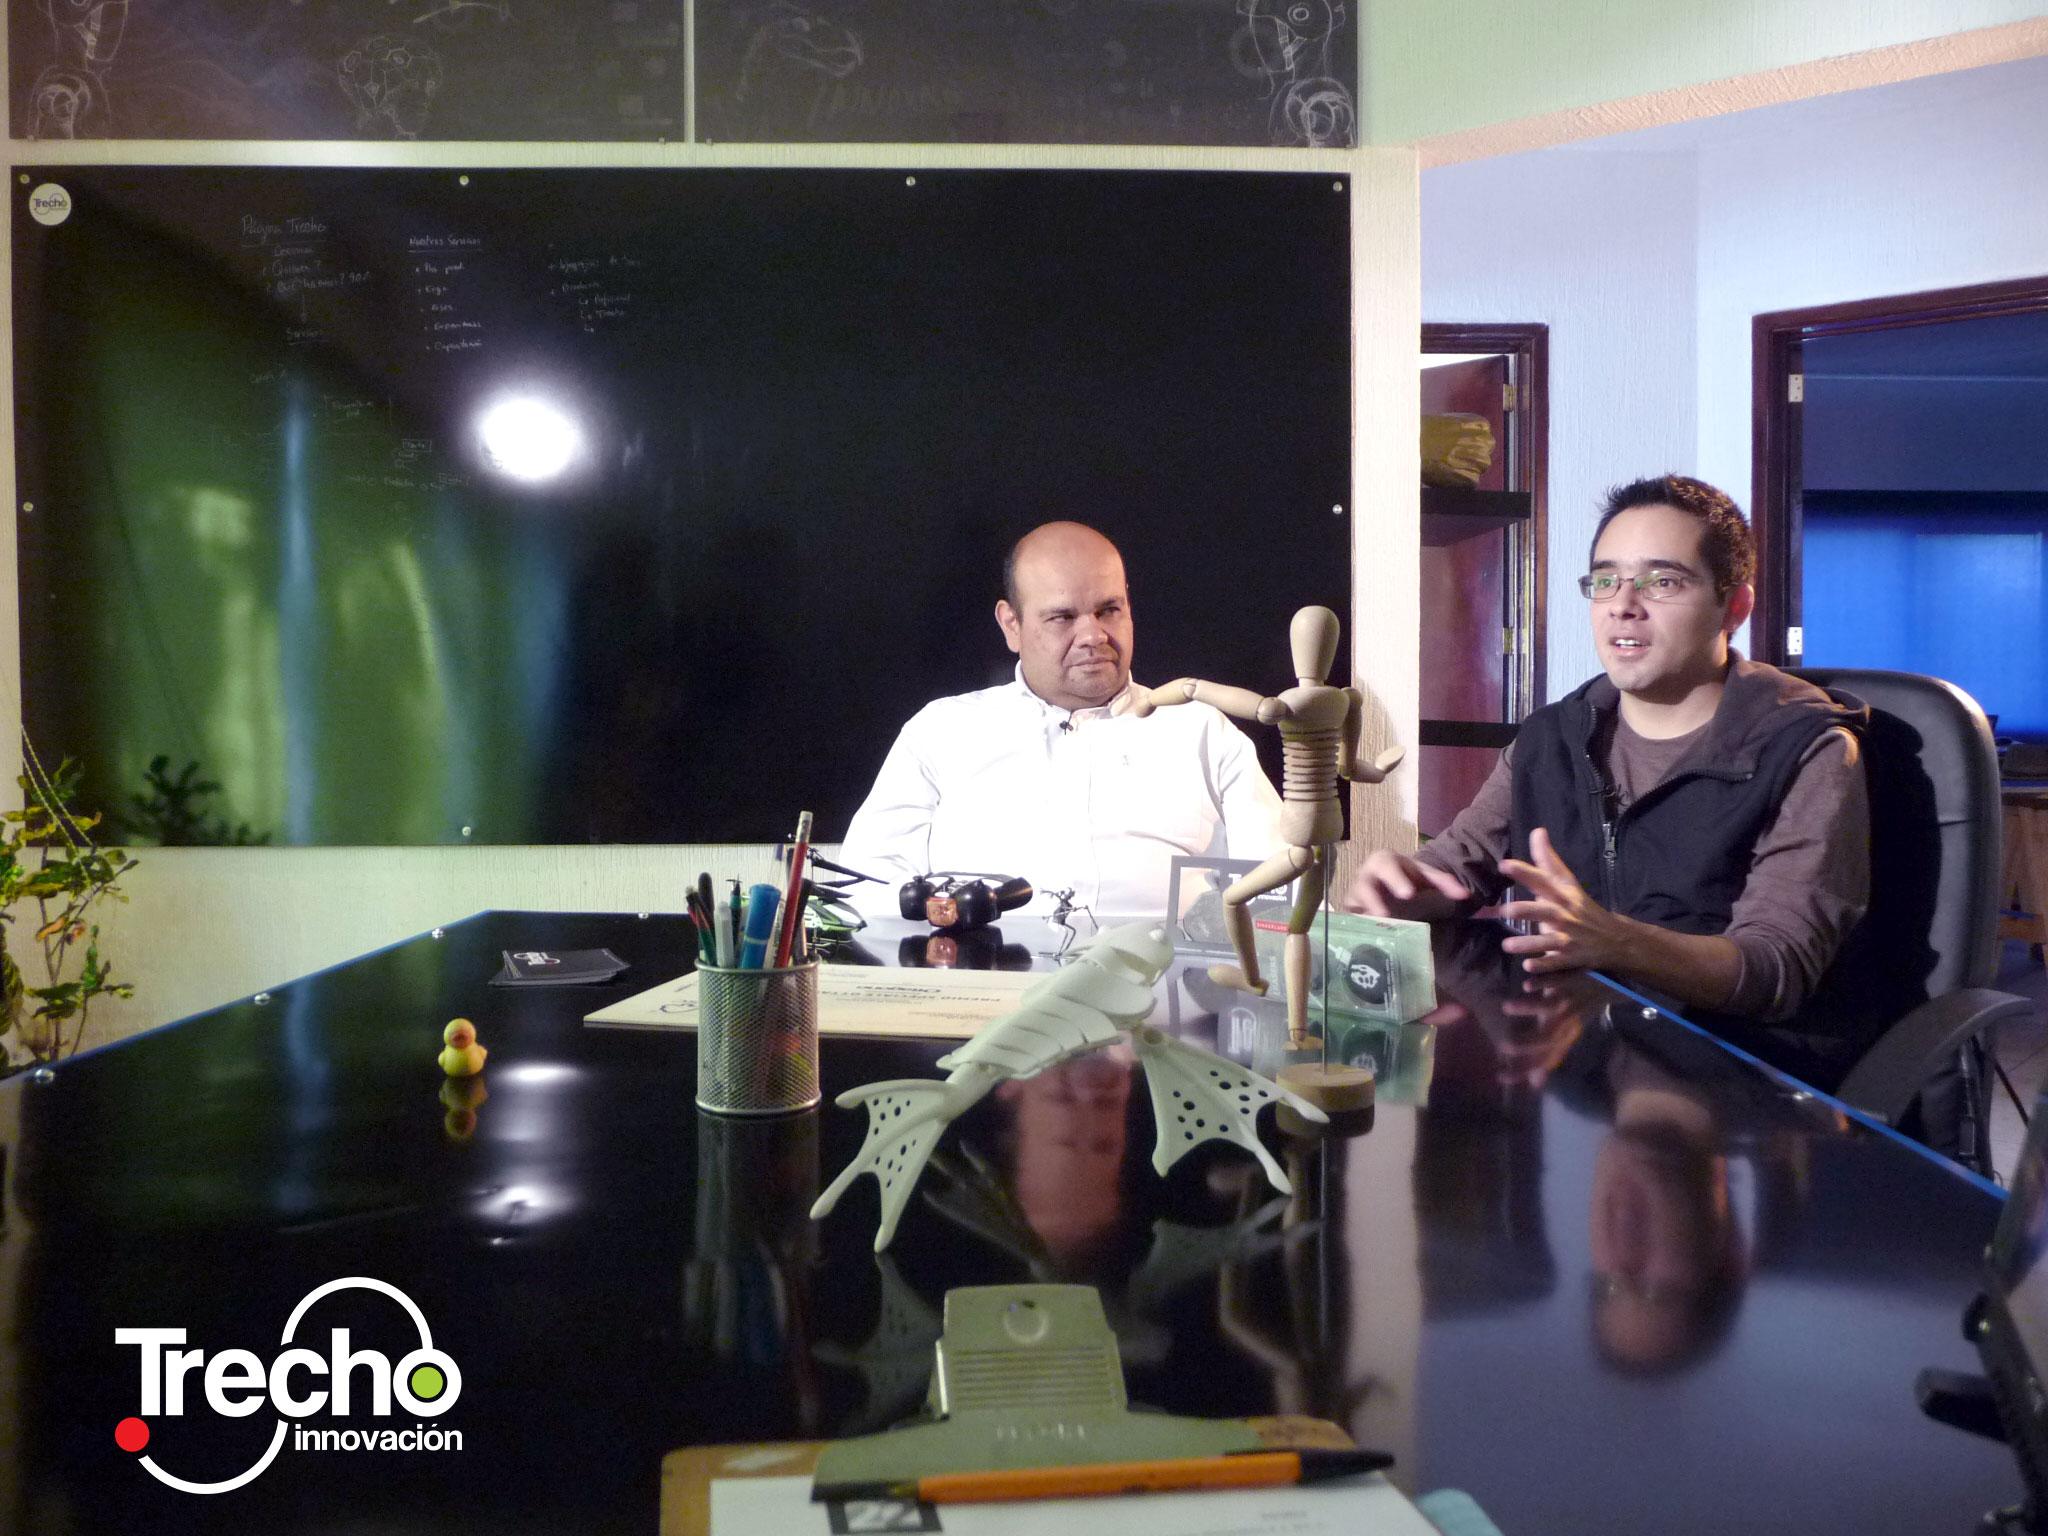 Durante la entrevista a Trecho pudimos hablar sobre el proyecto Kali, Ganador del premio Ottagono en el concurso de diseño de mobiliario FSC Design Award 2013. Hablamos sobre el proceso que se llevo a cabo para llegar a una solución contra la obsolescencia a corto plazo.